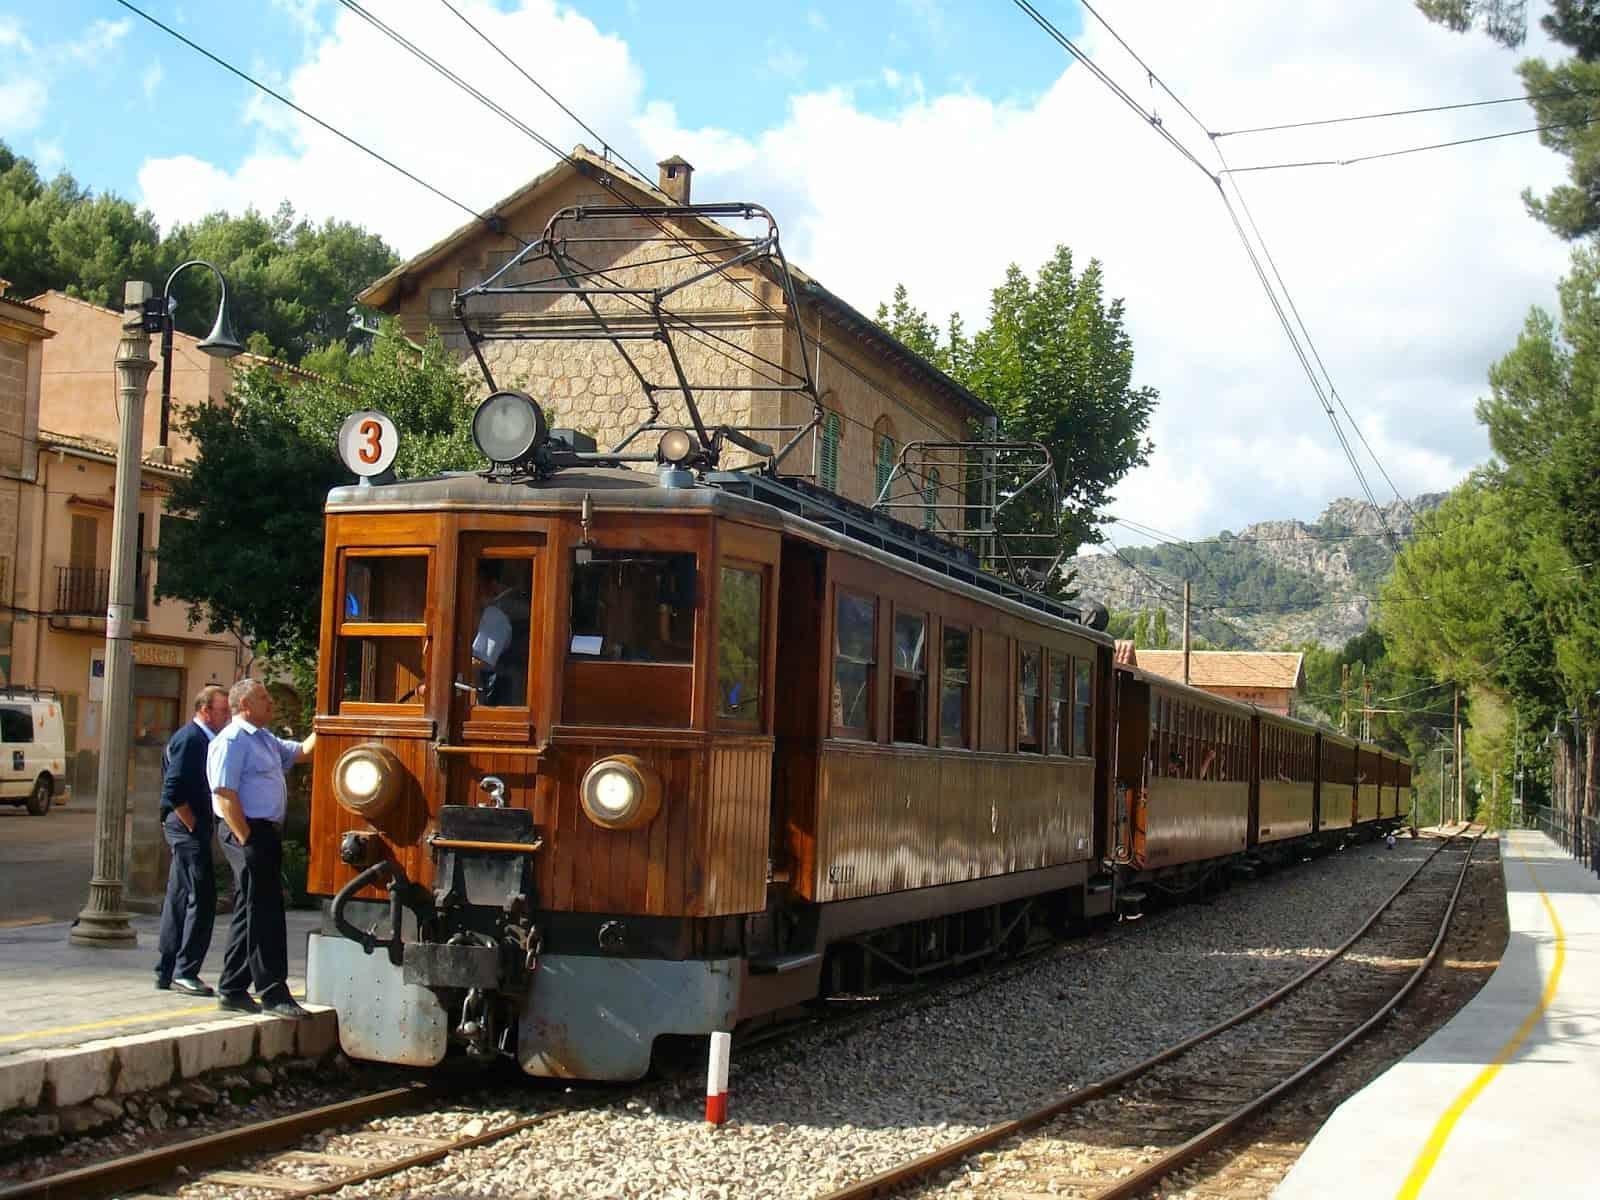 Planifica tus vacaciones de verano en tren 4